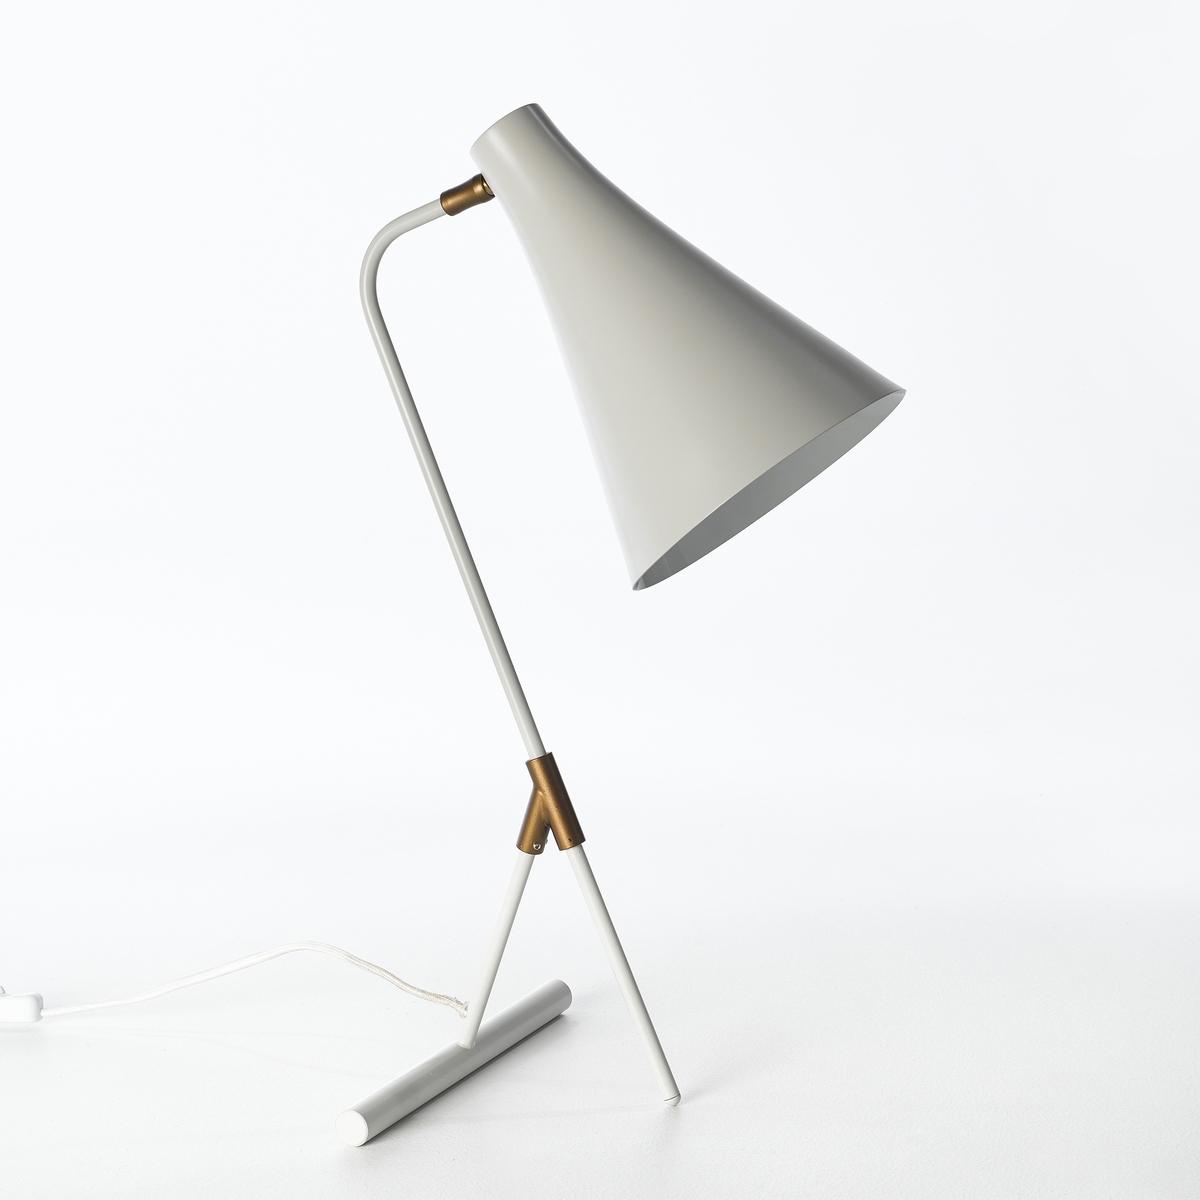 Лампа настольная, Jameson абажур бежевого цвета globo 64111g